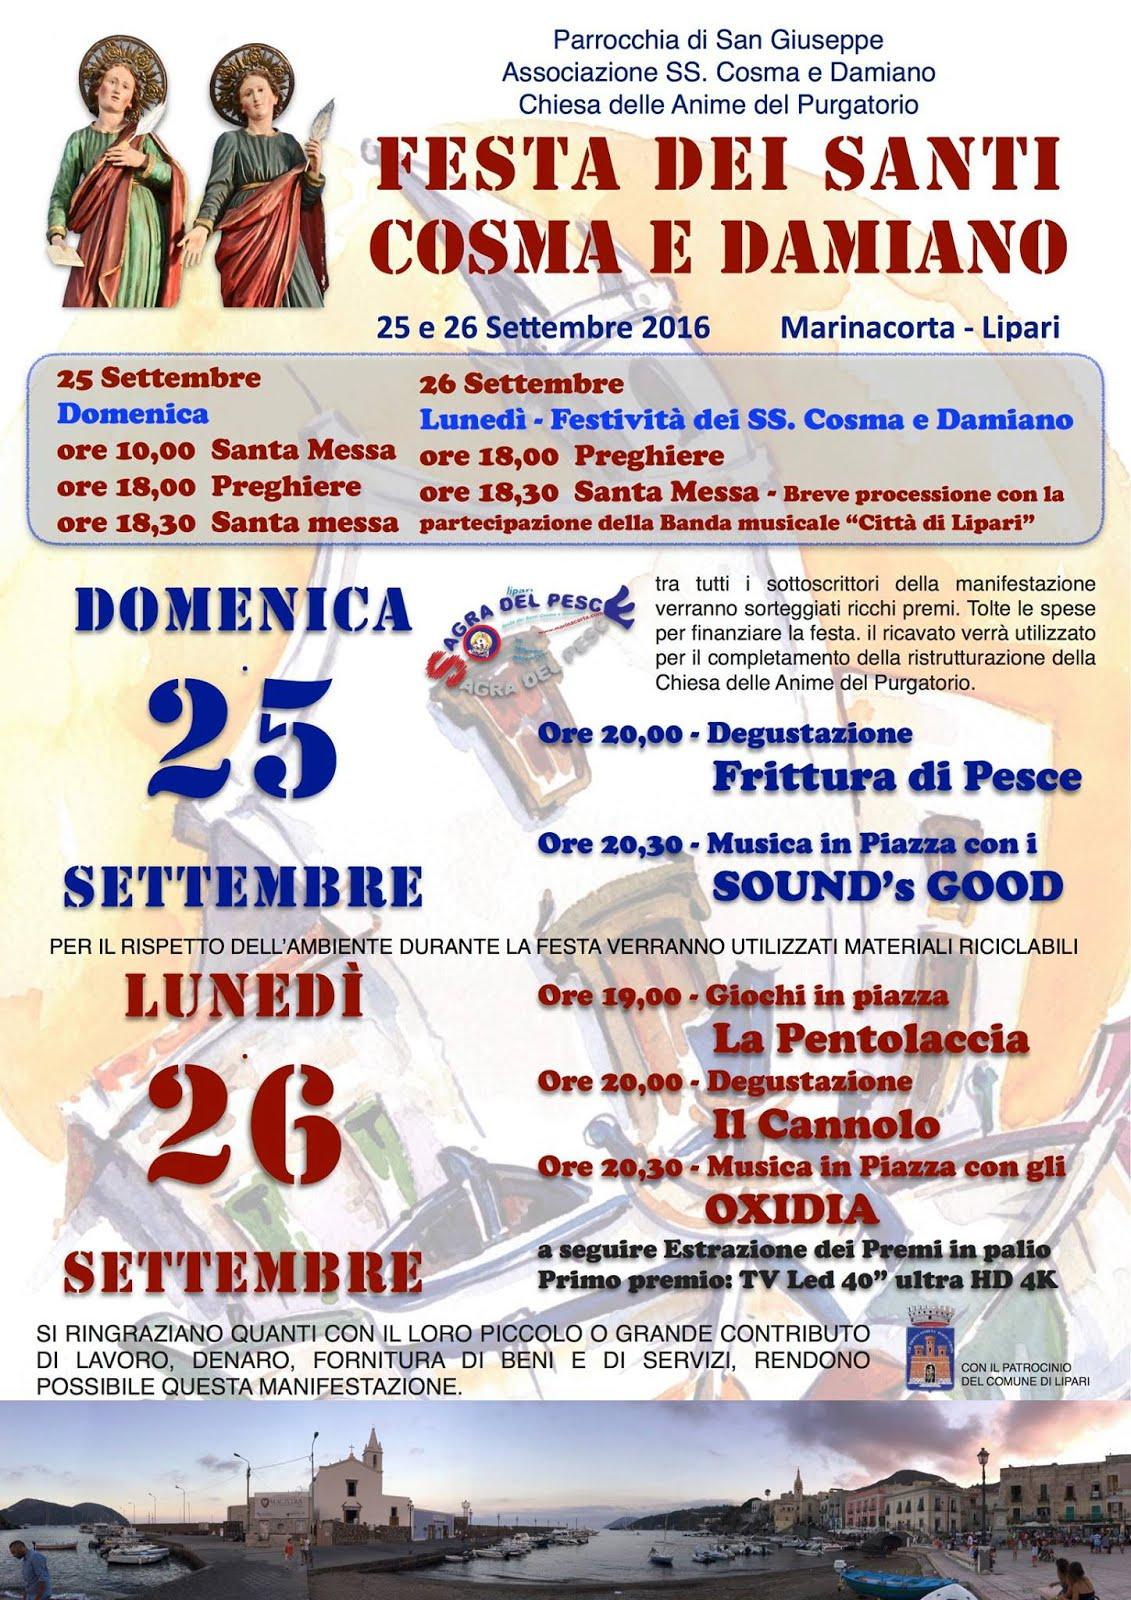 Festa dei Santi Cosma e Damiano